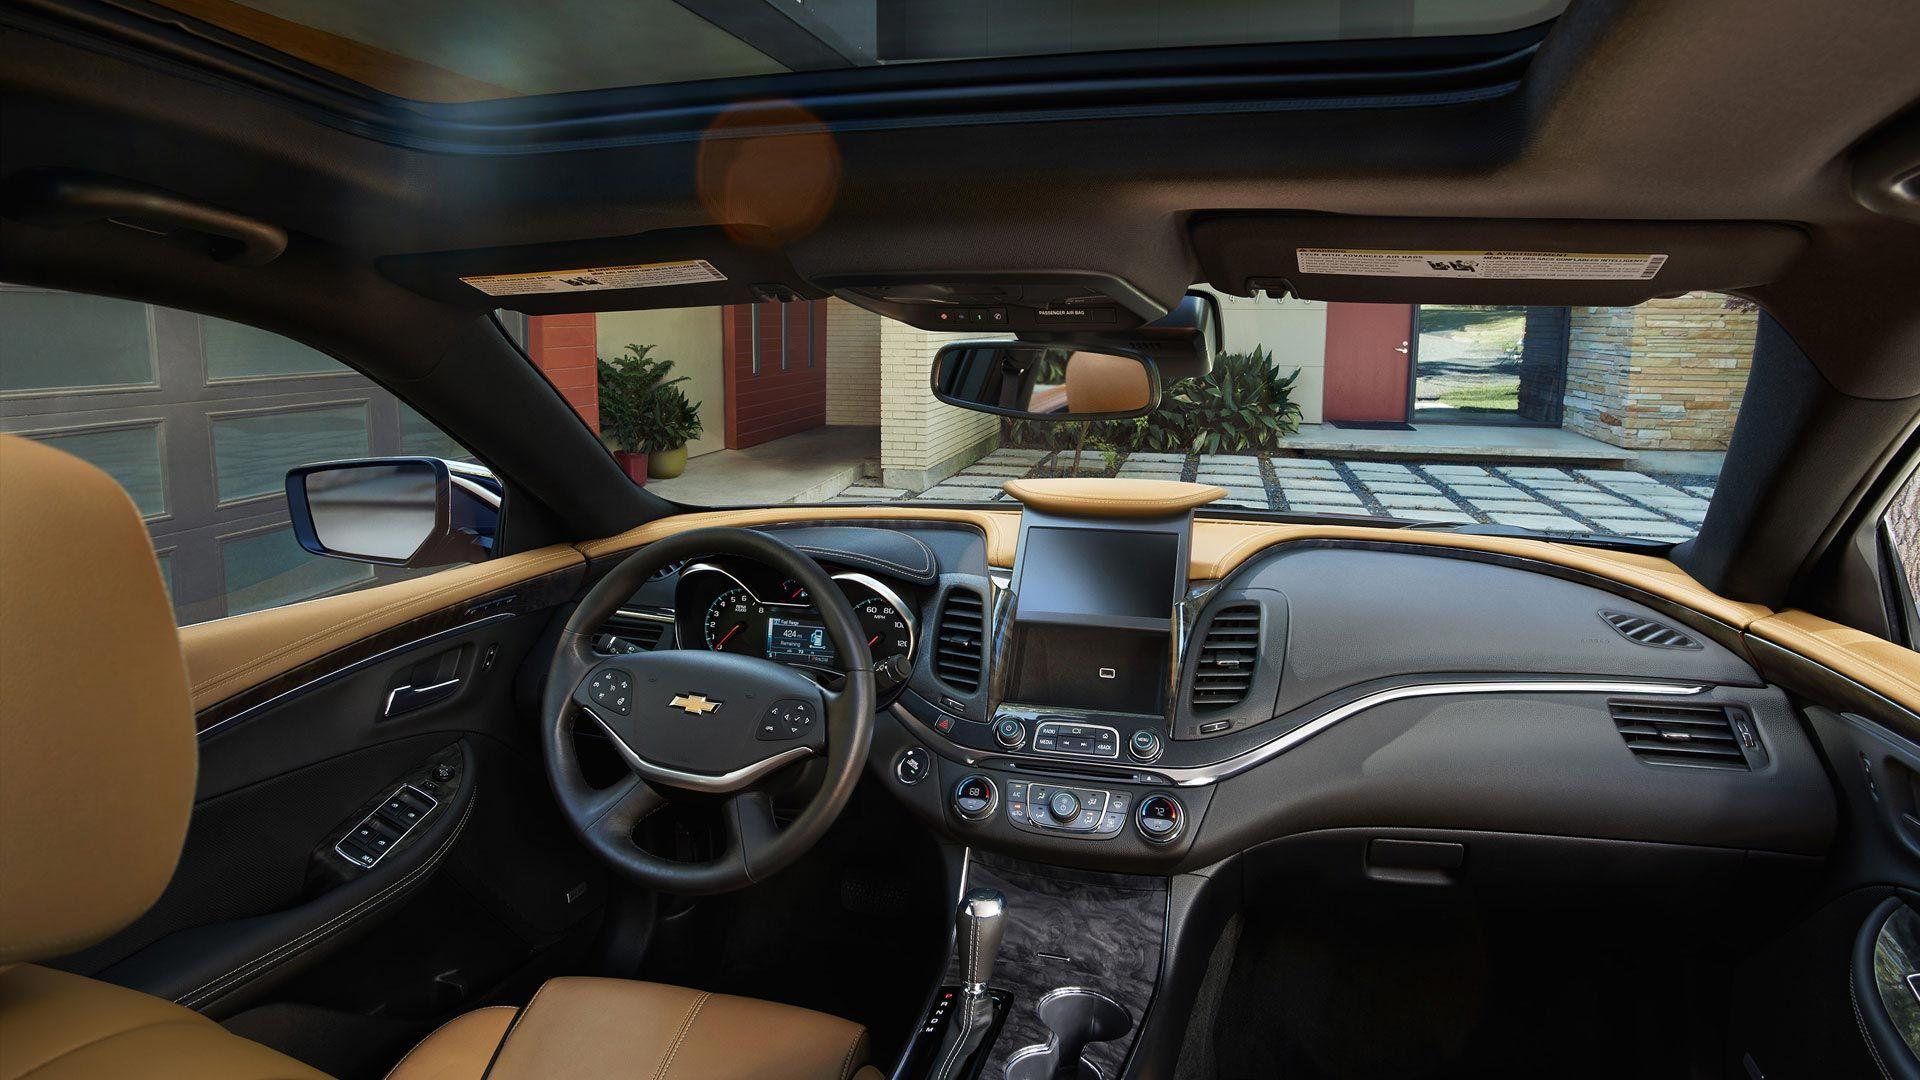 2015 Chevy Impala Details 2015 Chevy Impala Photos Chevy Impala Impala Chevy